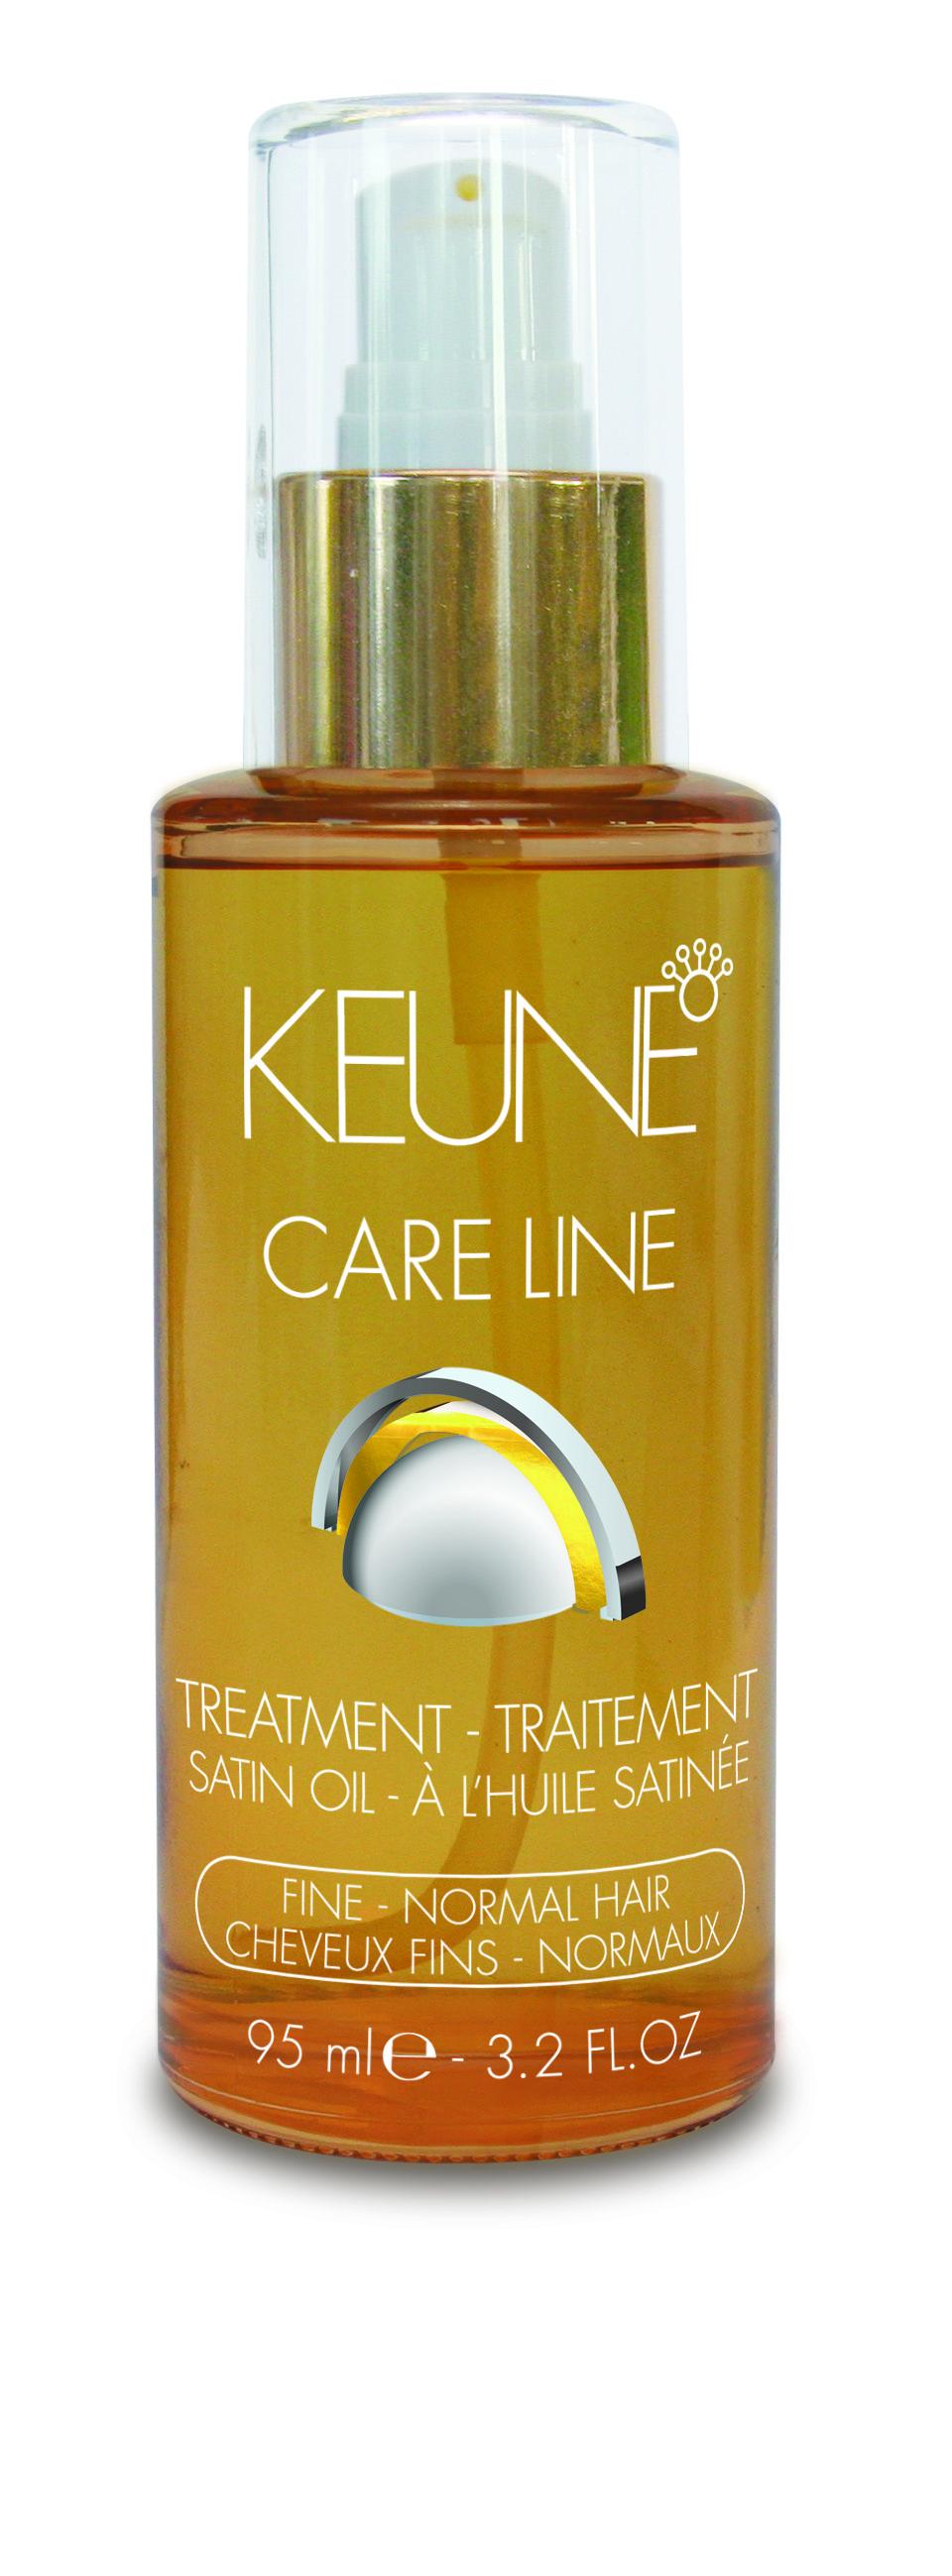 KEUNE Масло Кэе Лайн Шелковый уход / CL SATIN OIL TREATMENT FINE 95мл keune кондиционер спрей 2 фазный для кудрявых волос кэе лайн cl control 2 phase spray 400мл